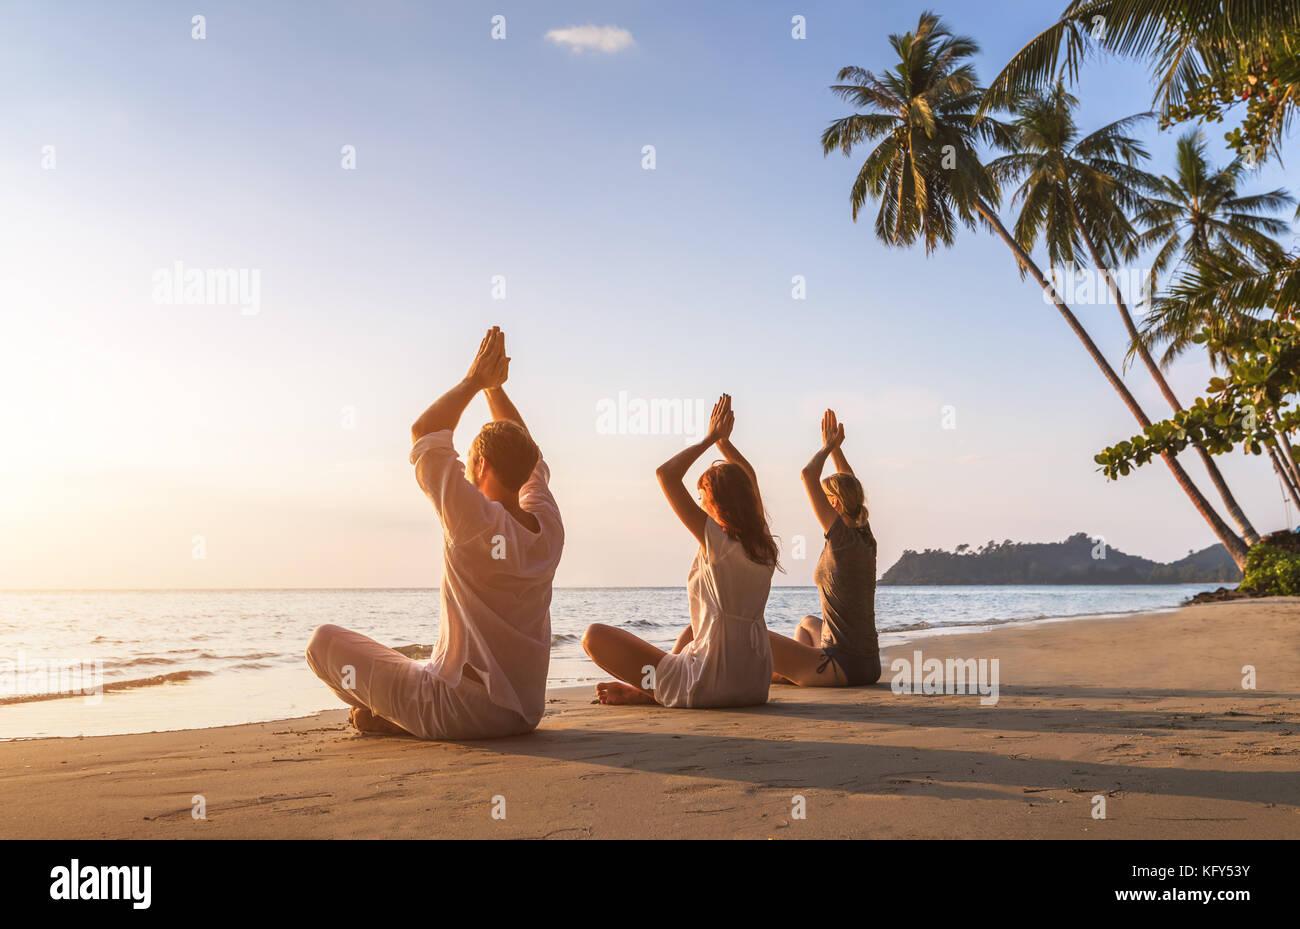 Grupo de tres personas que practican yoga postura del loto en la playa para el relax y el bienestar, cálido Imagen De Stock